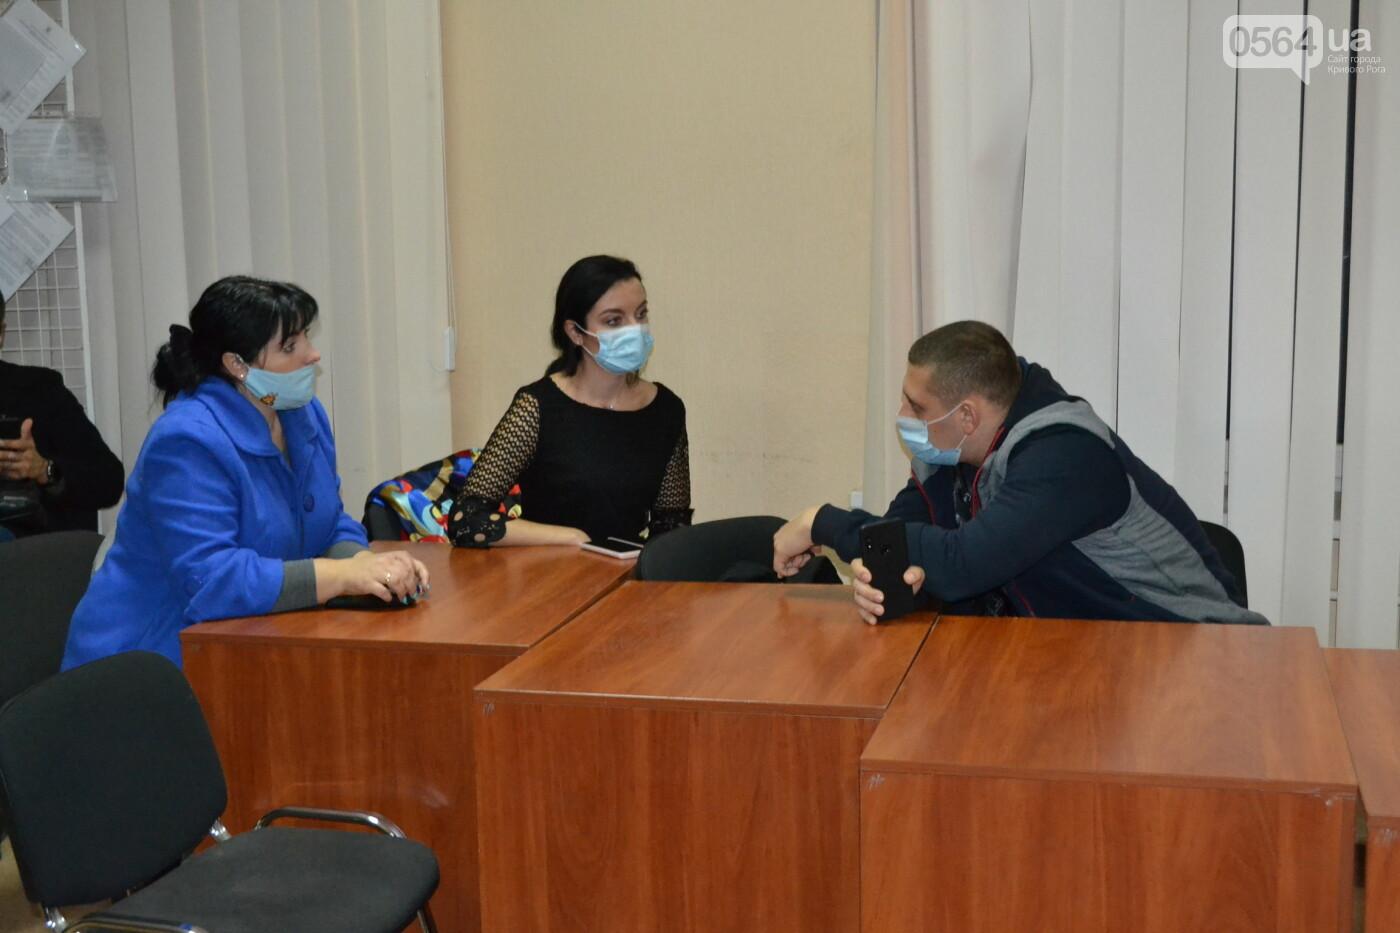 Криворожская РИК продолжает принимать протоколы об итогах голосования на выборах в райсовет, - ФОТО, фото-6